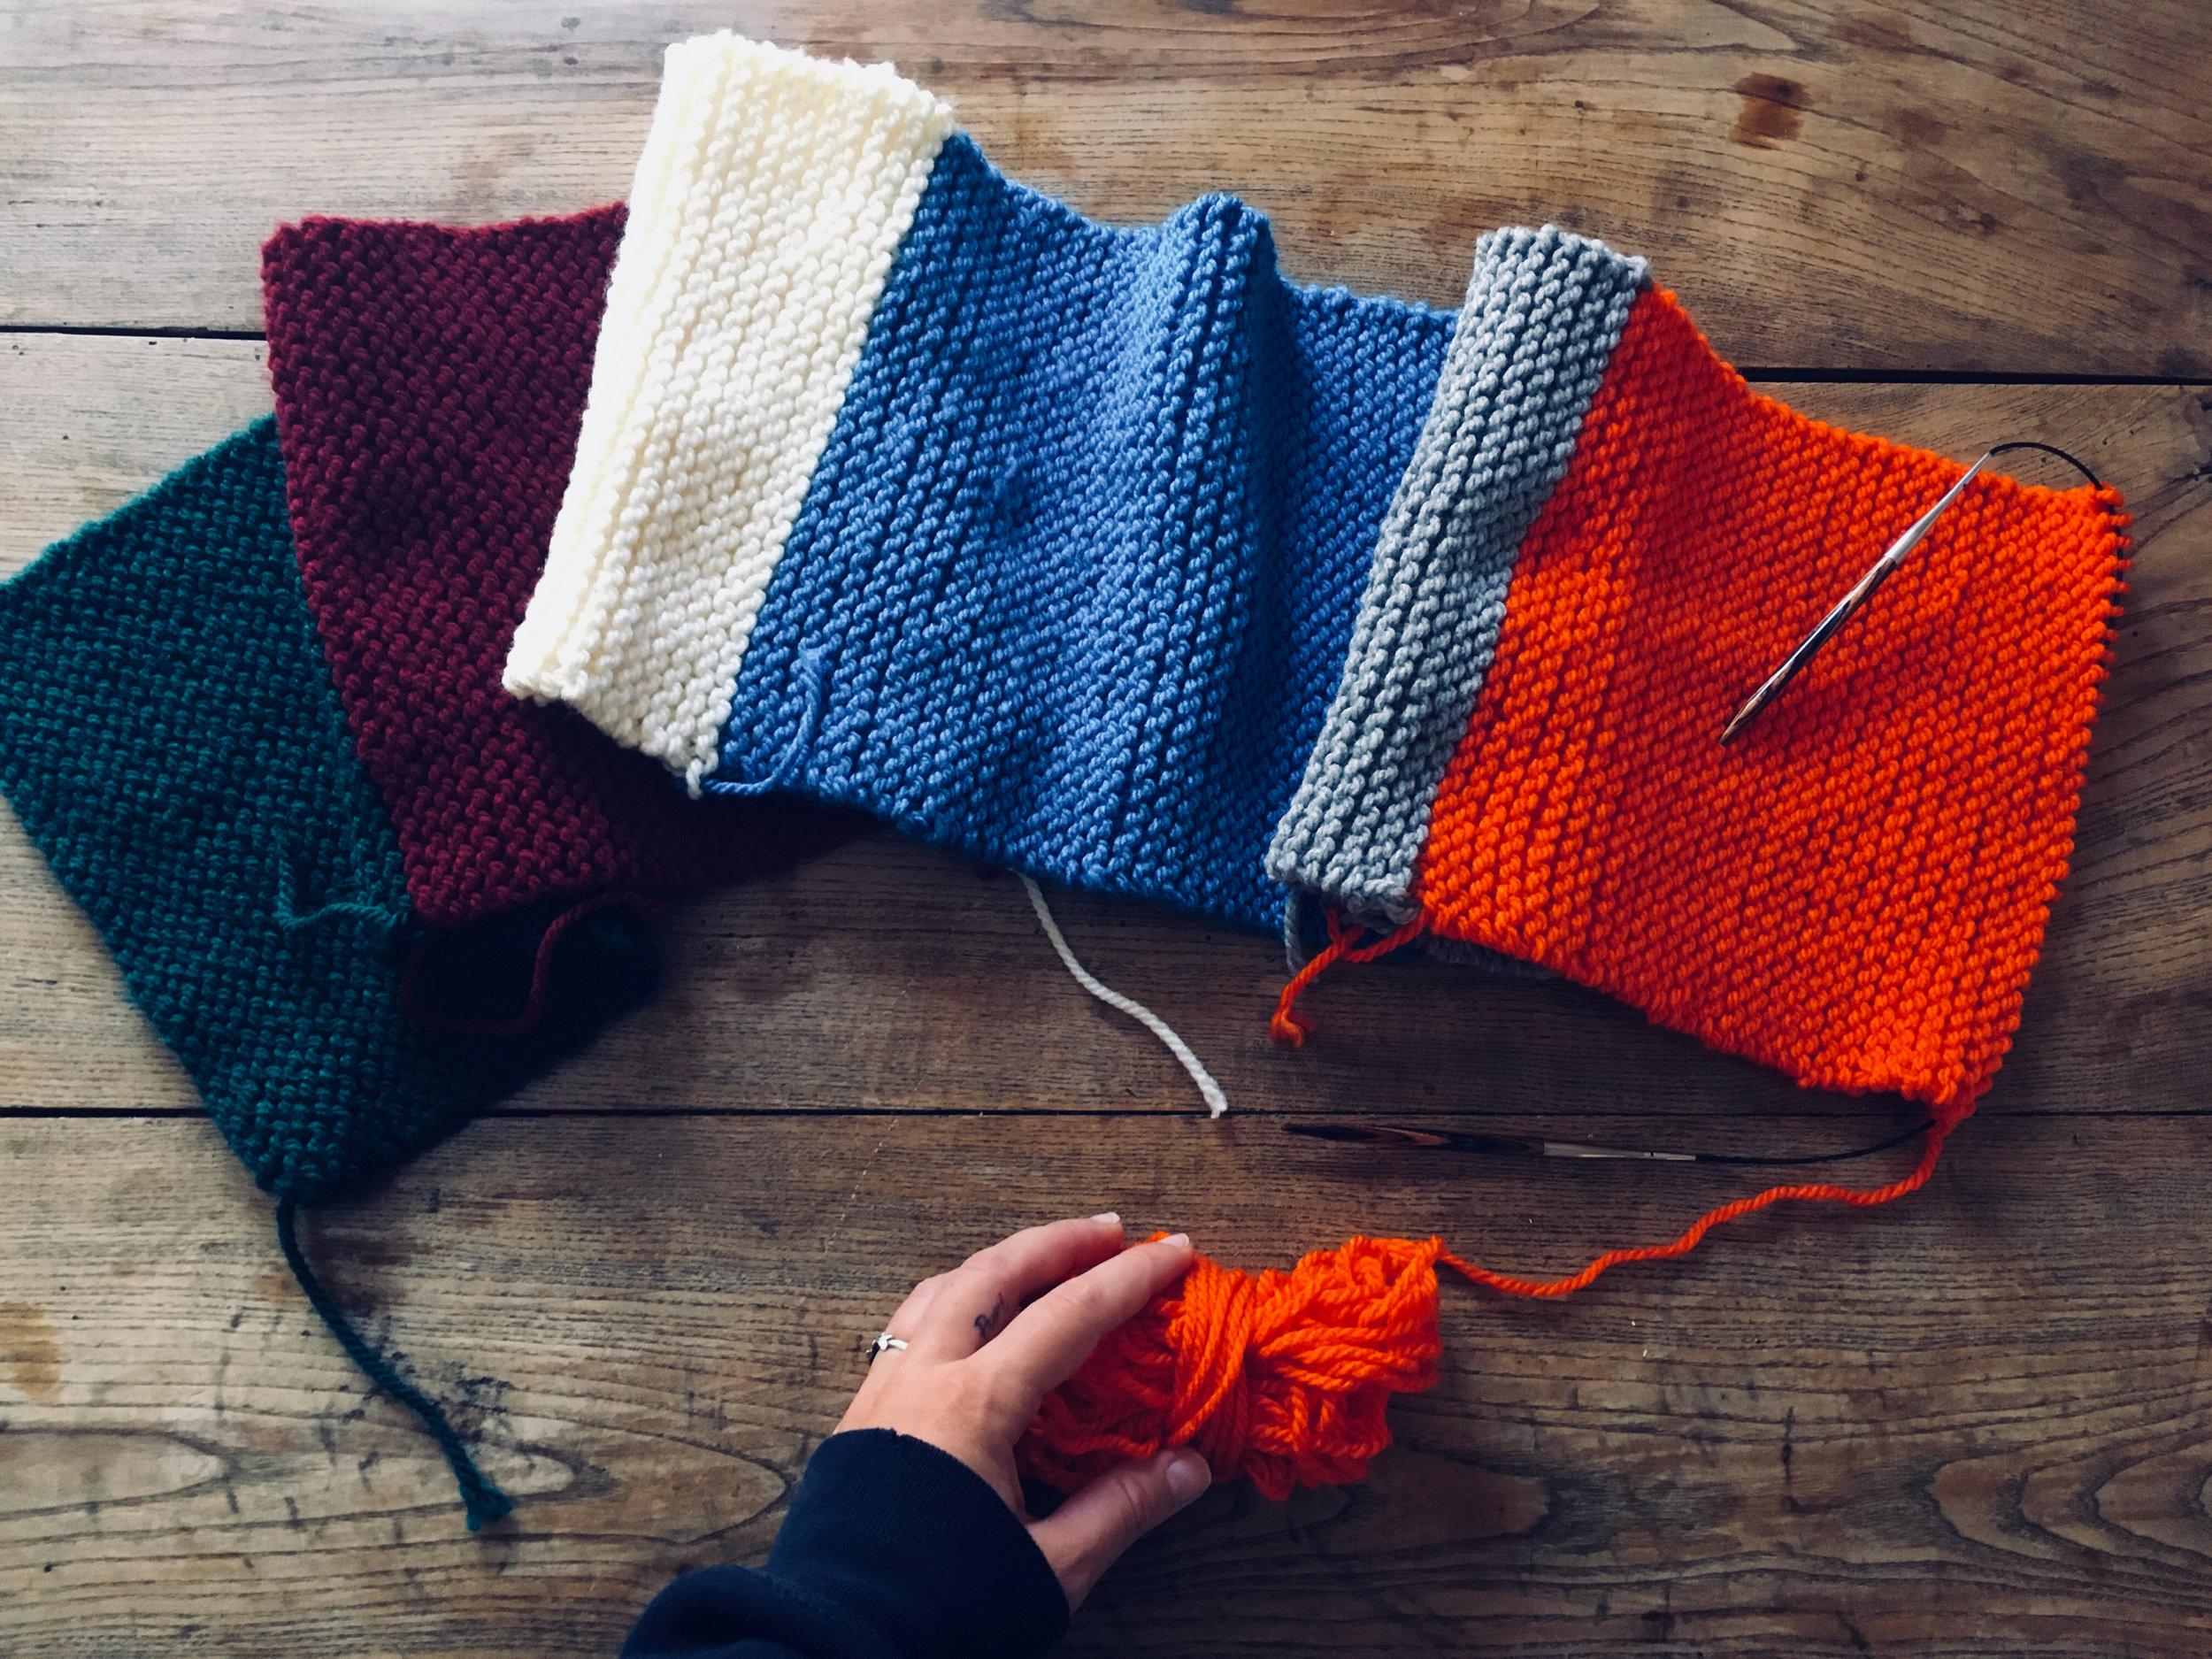 wool_done_knitting_prym_8.jpg